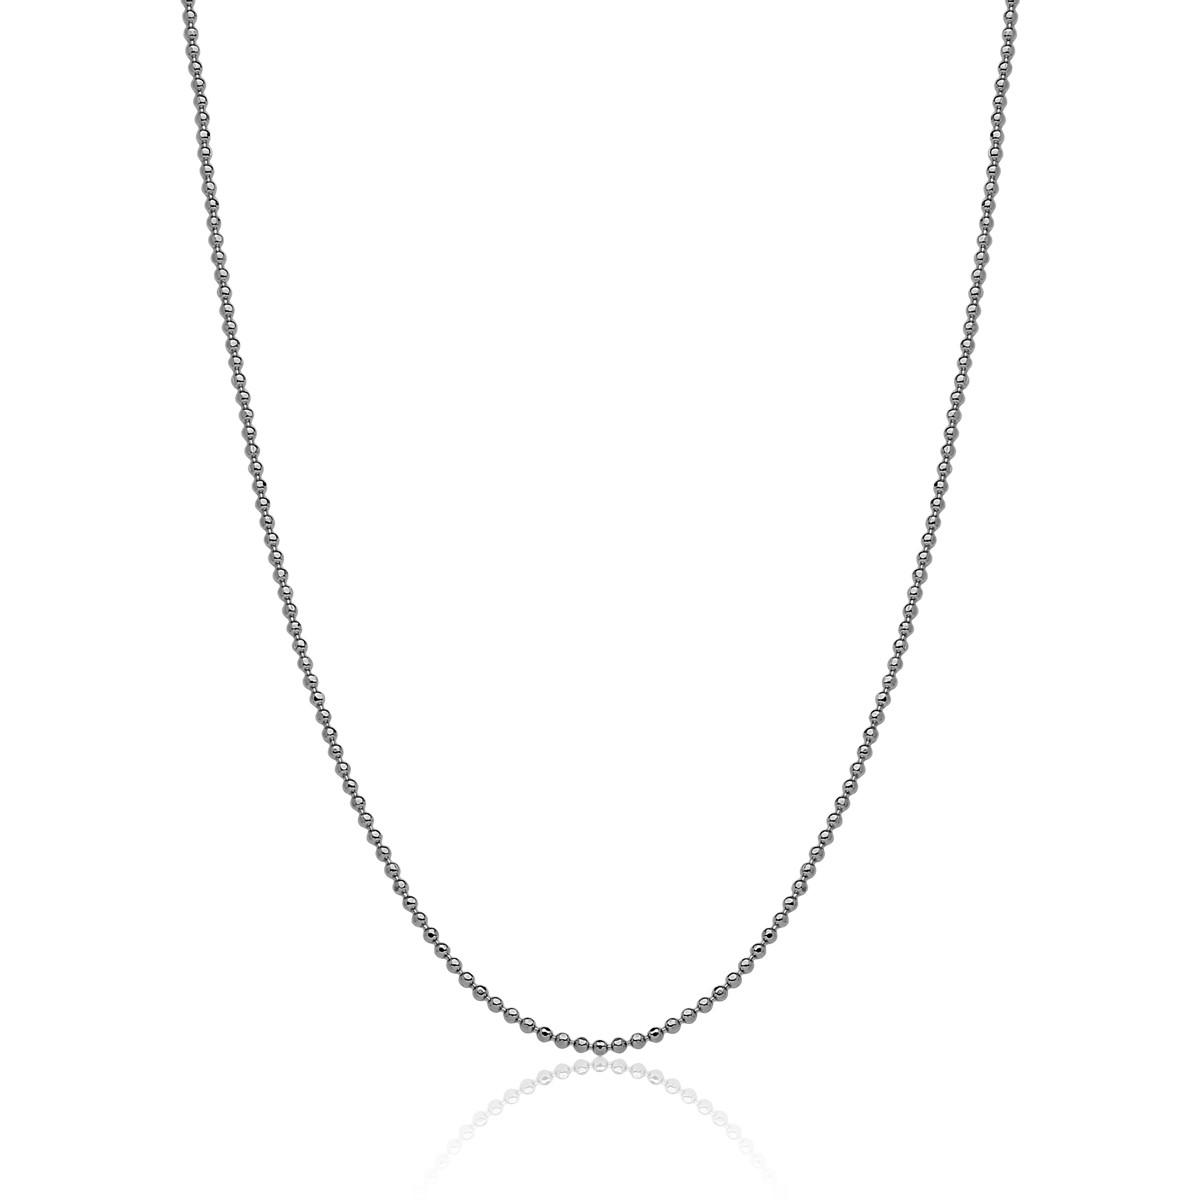 Corrente Boule de Rhodium Diamant Revestida em Ródio